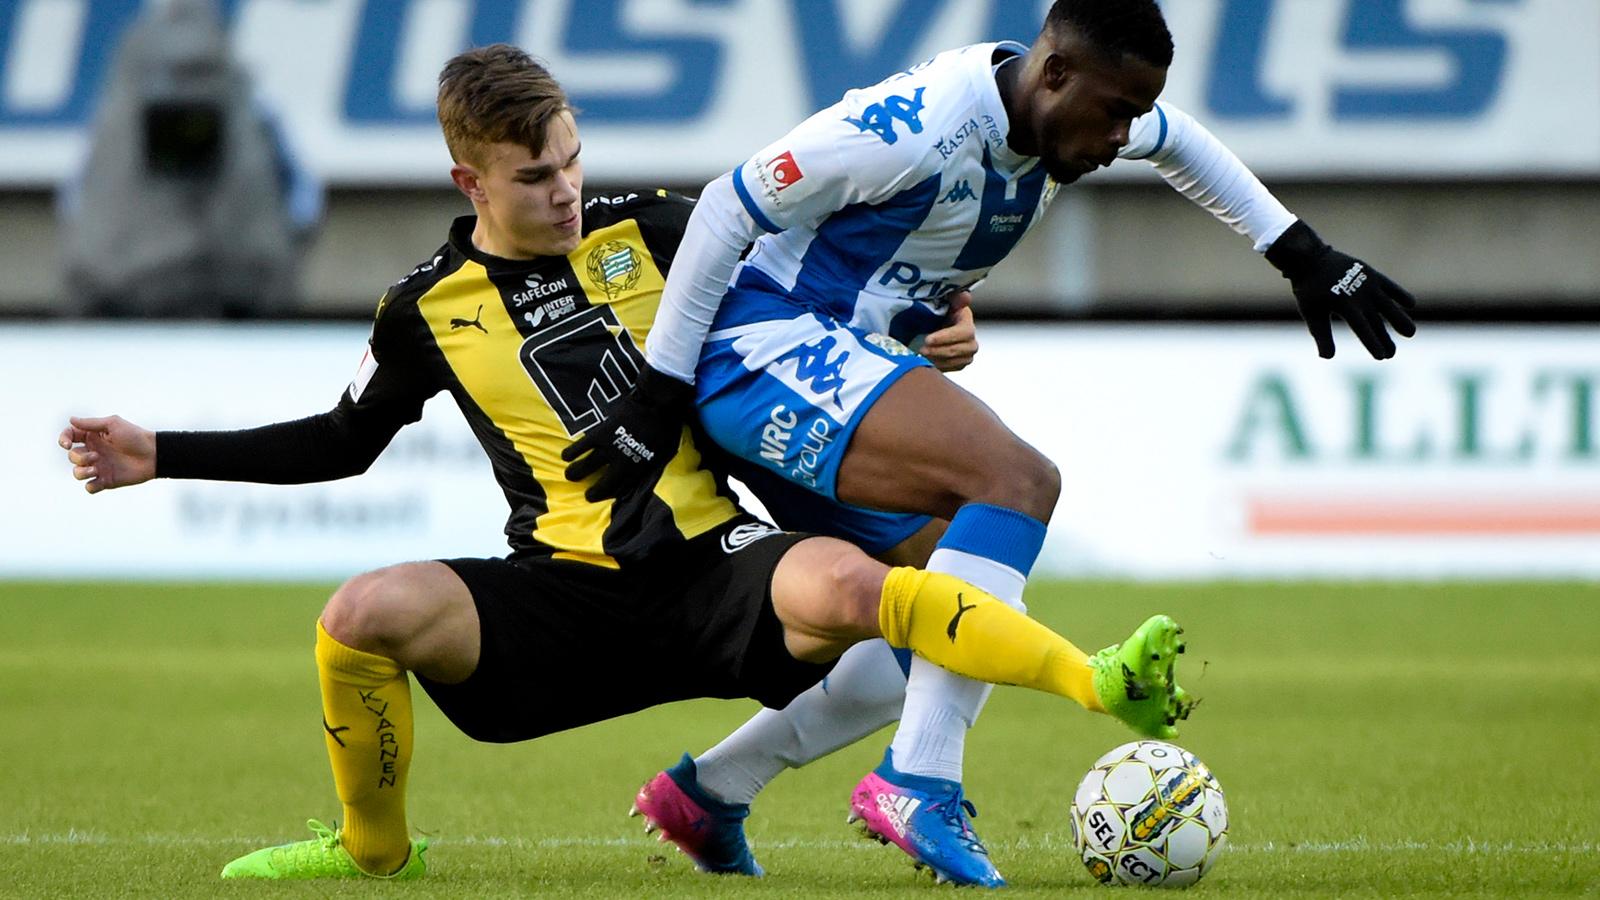 170426 IFK Göteborgs Abdul Razak och Hammarbys Dusan Jajic under fotbollsmatchen i allsvenskan mellan IFK Göteborg och Hammarby den 26 april 2017 i Göteborg.